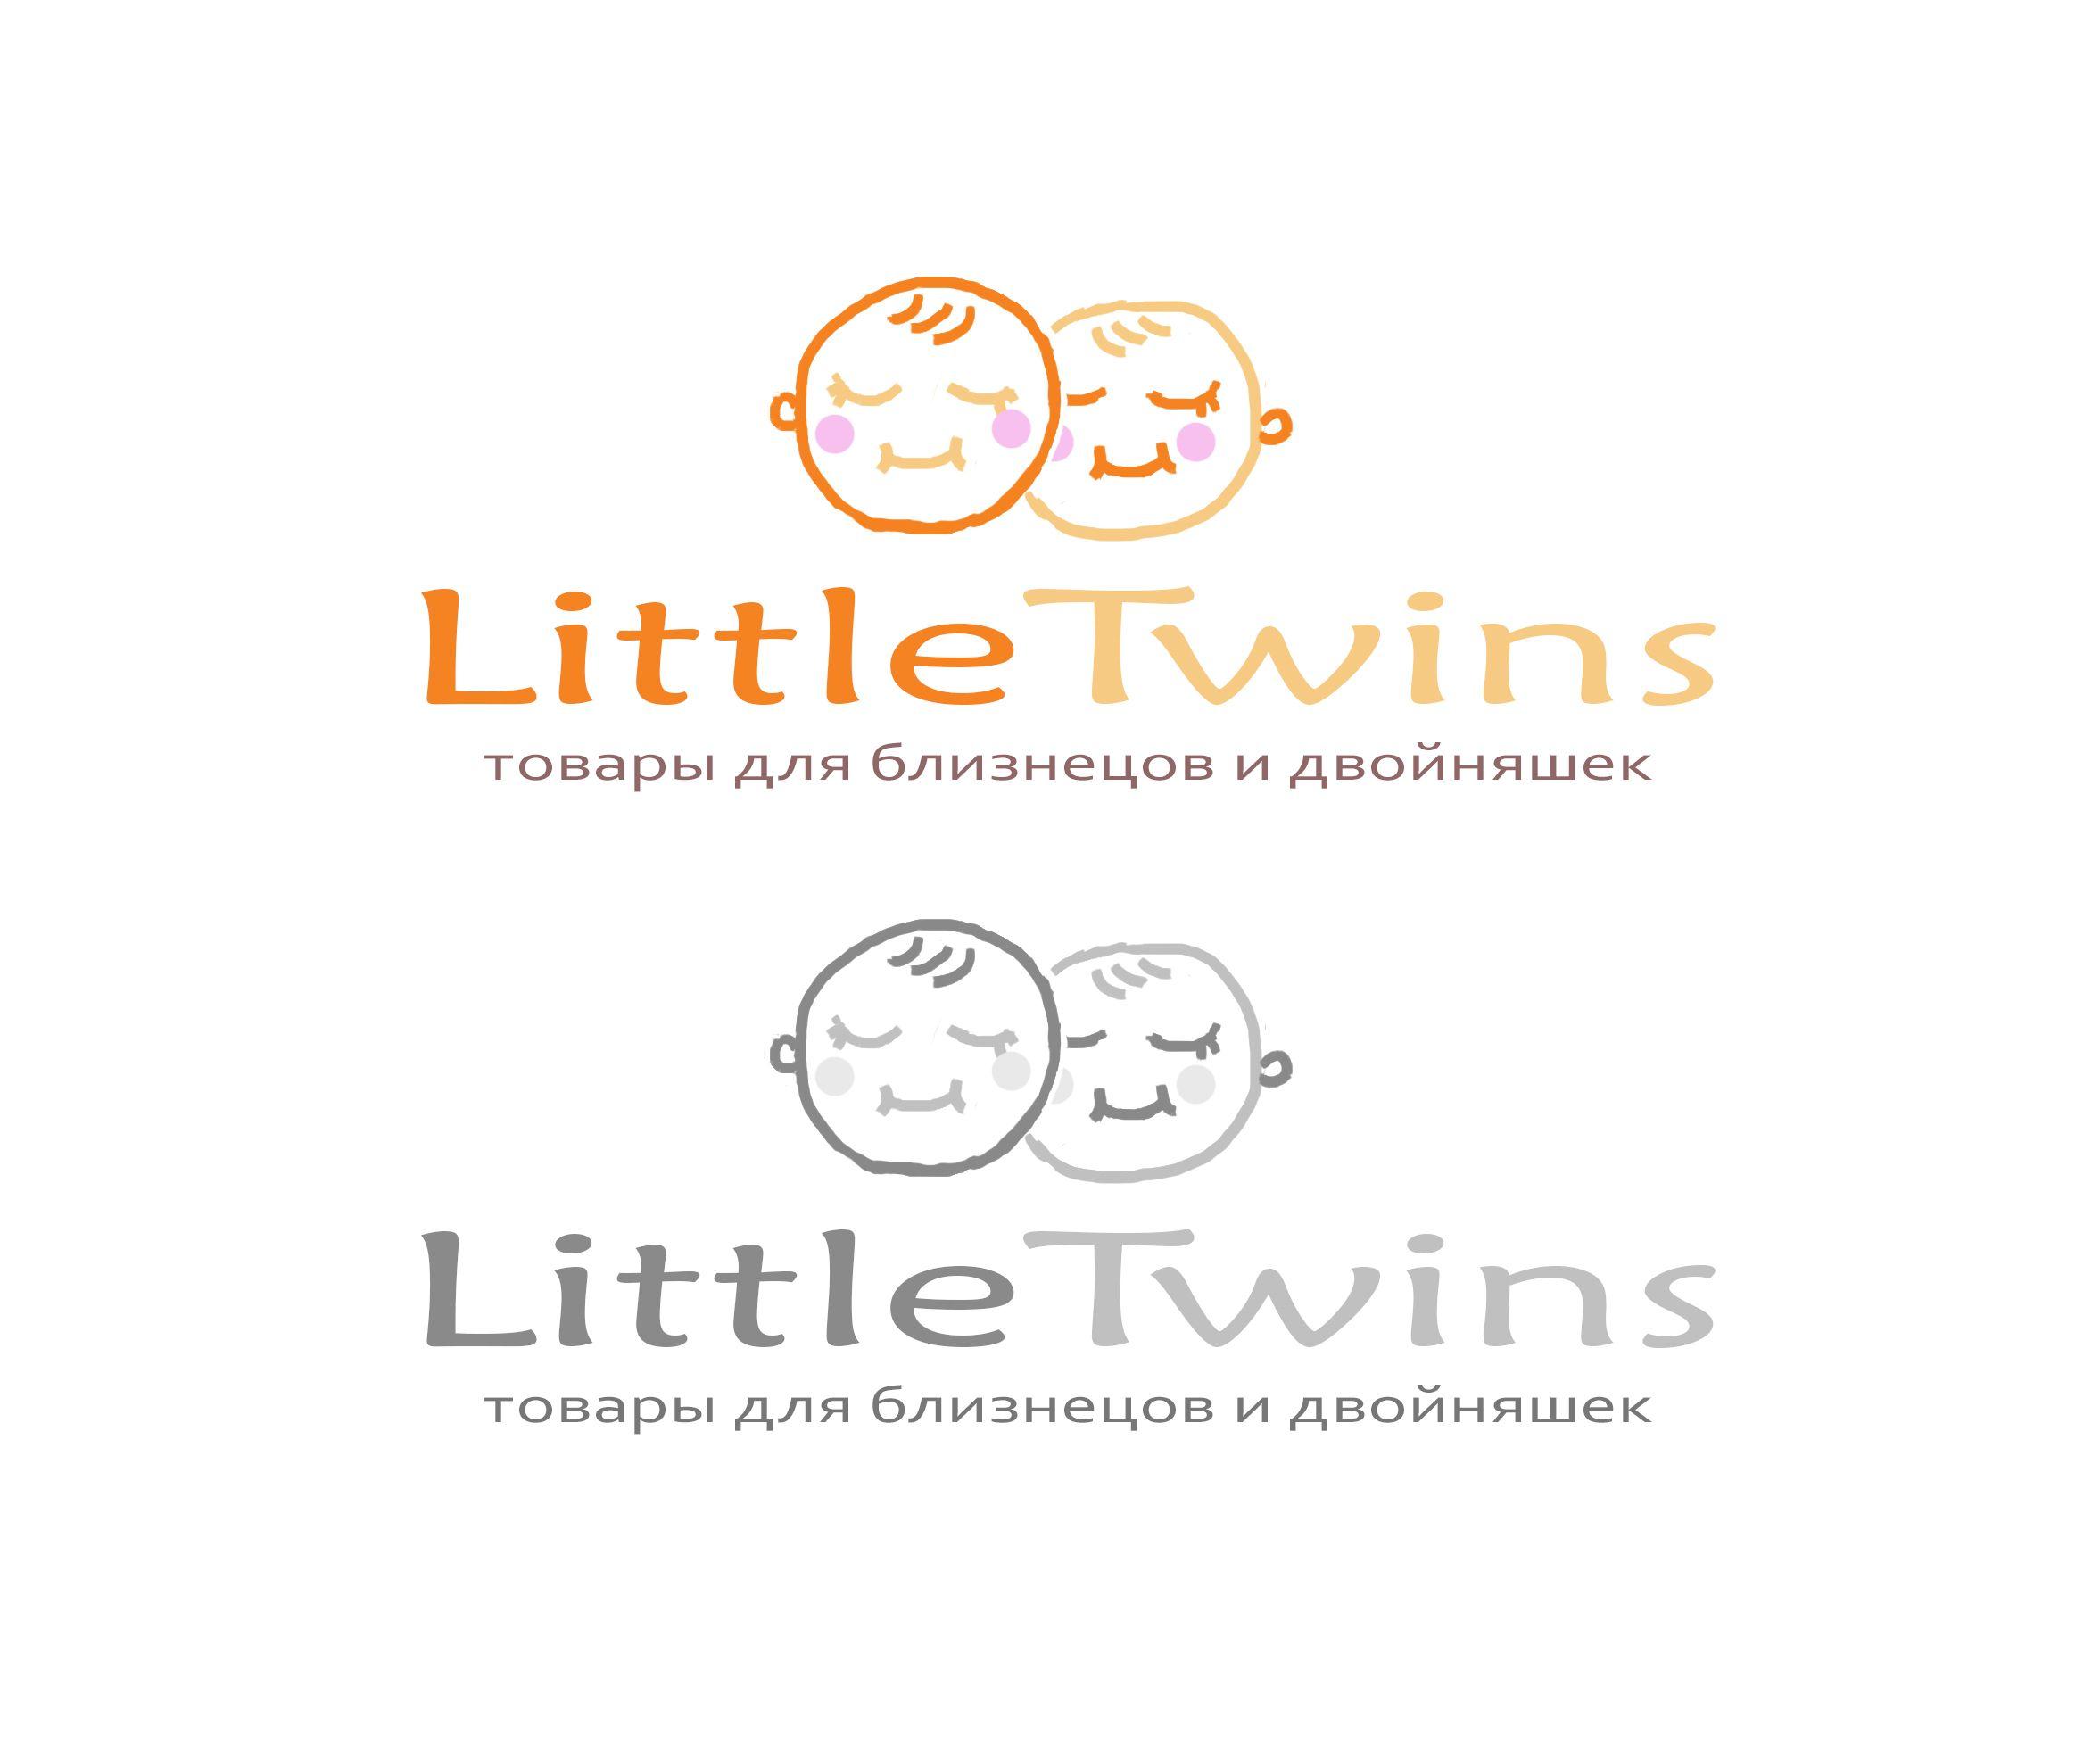 Логотип детского интернет-магазина для двойняшек - дизайнер Katherin_Mirror